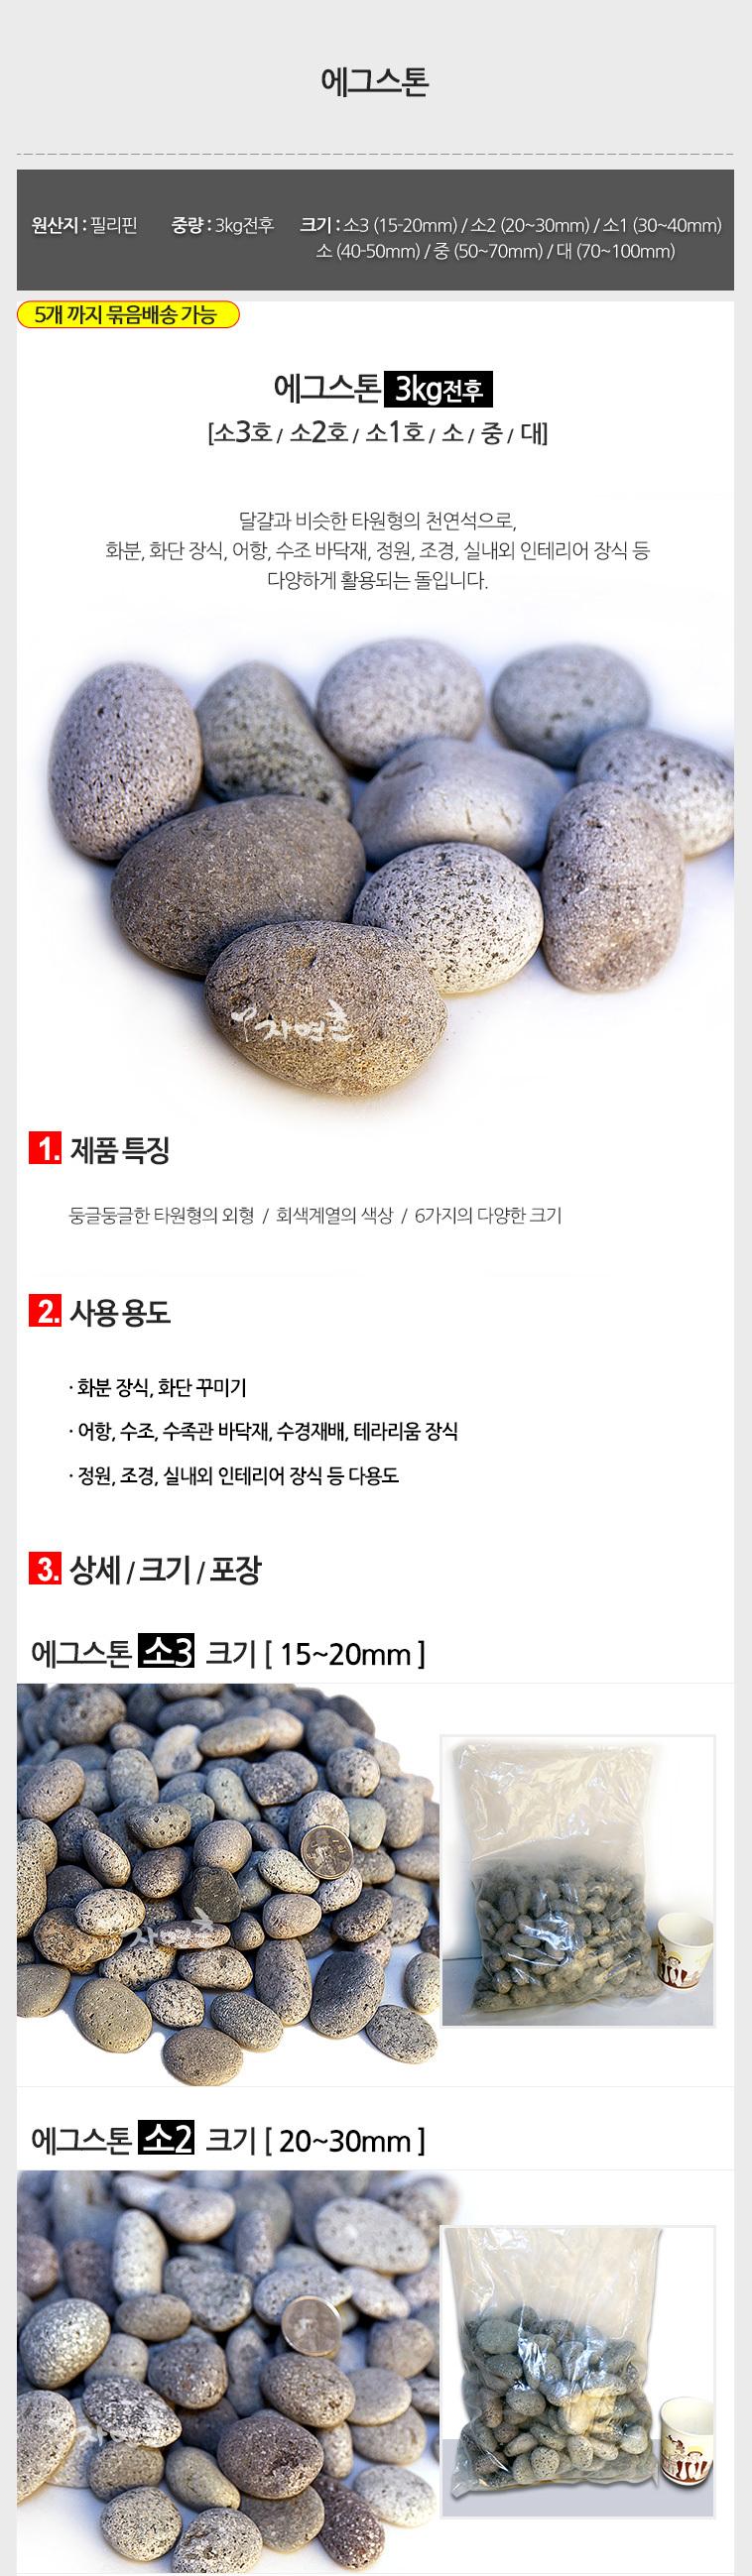 eggstone_3kg_01.jpg